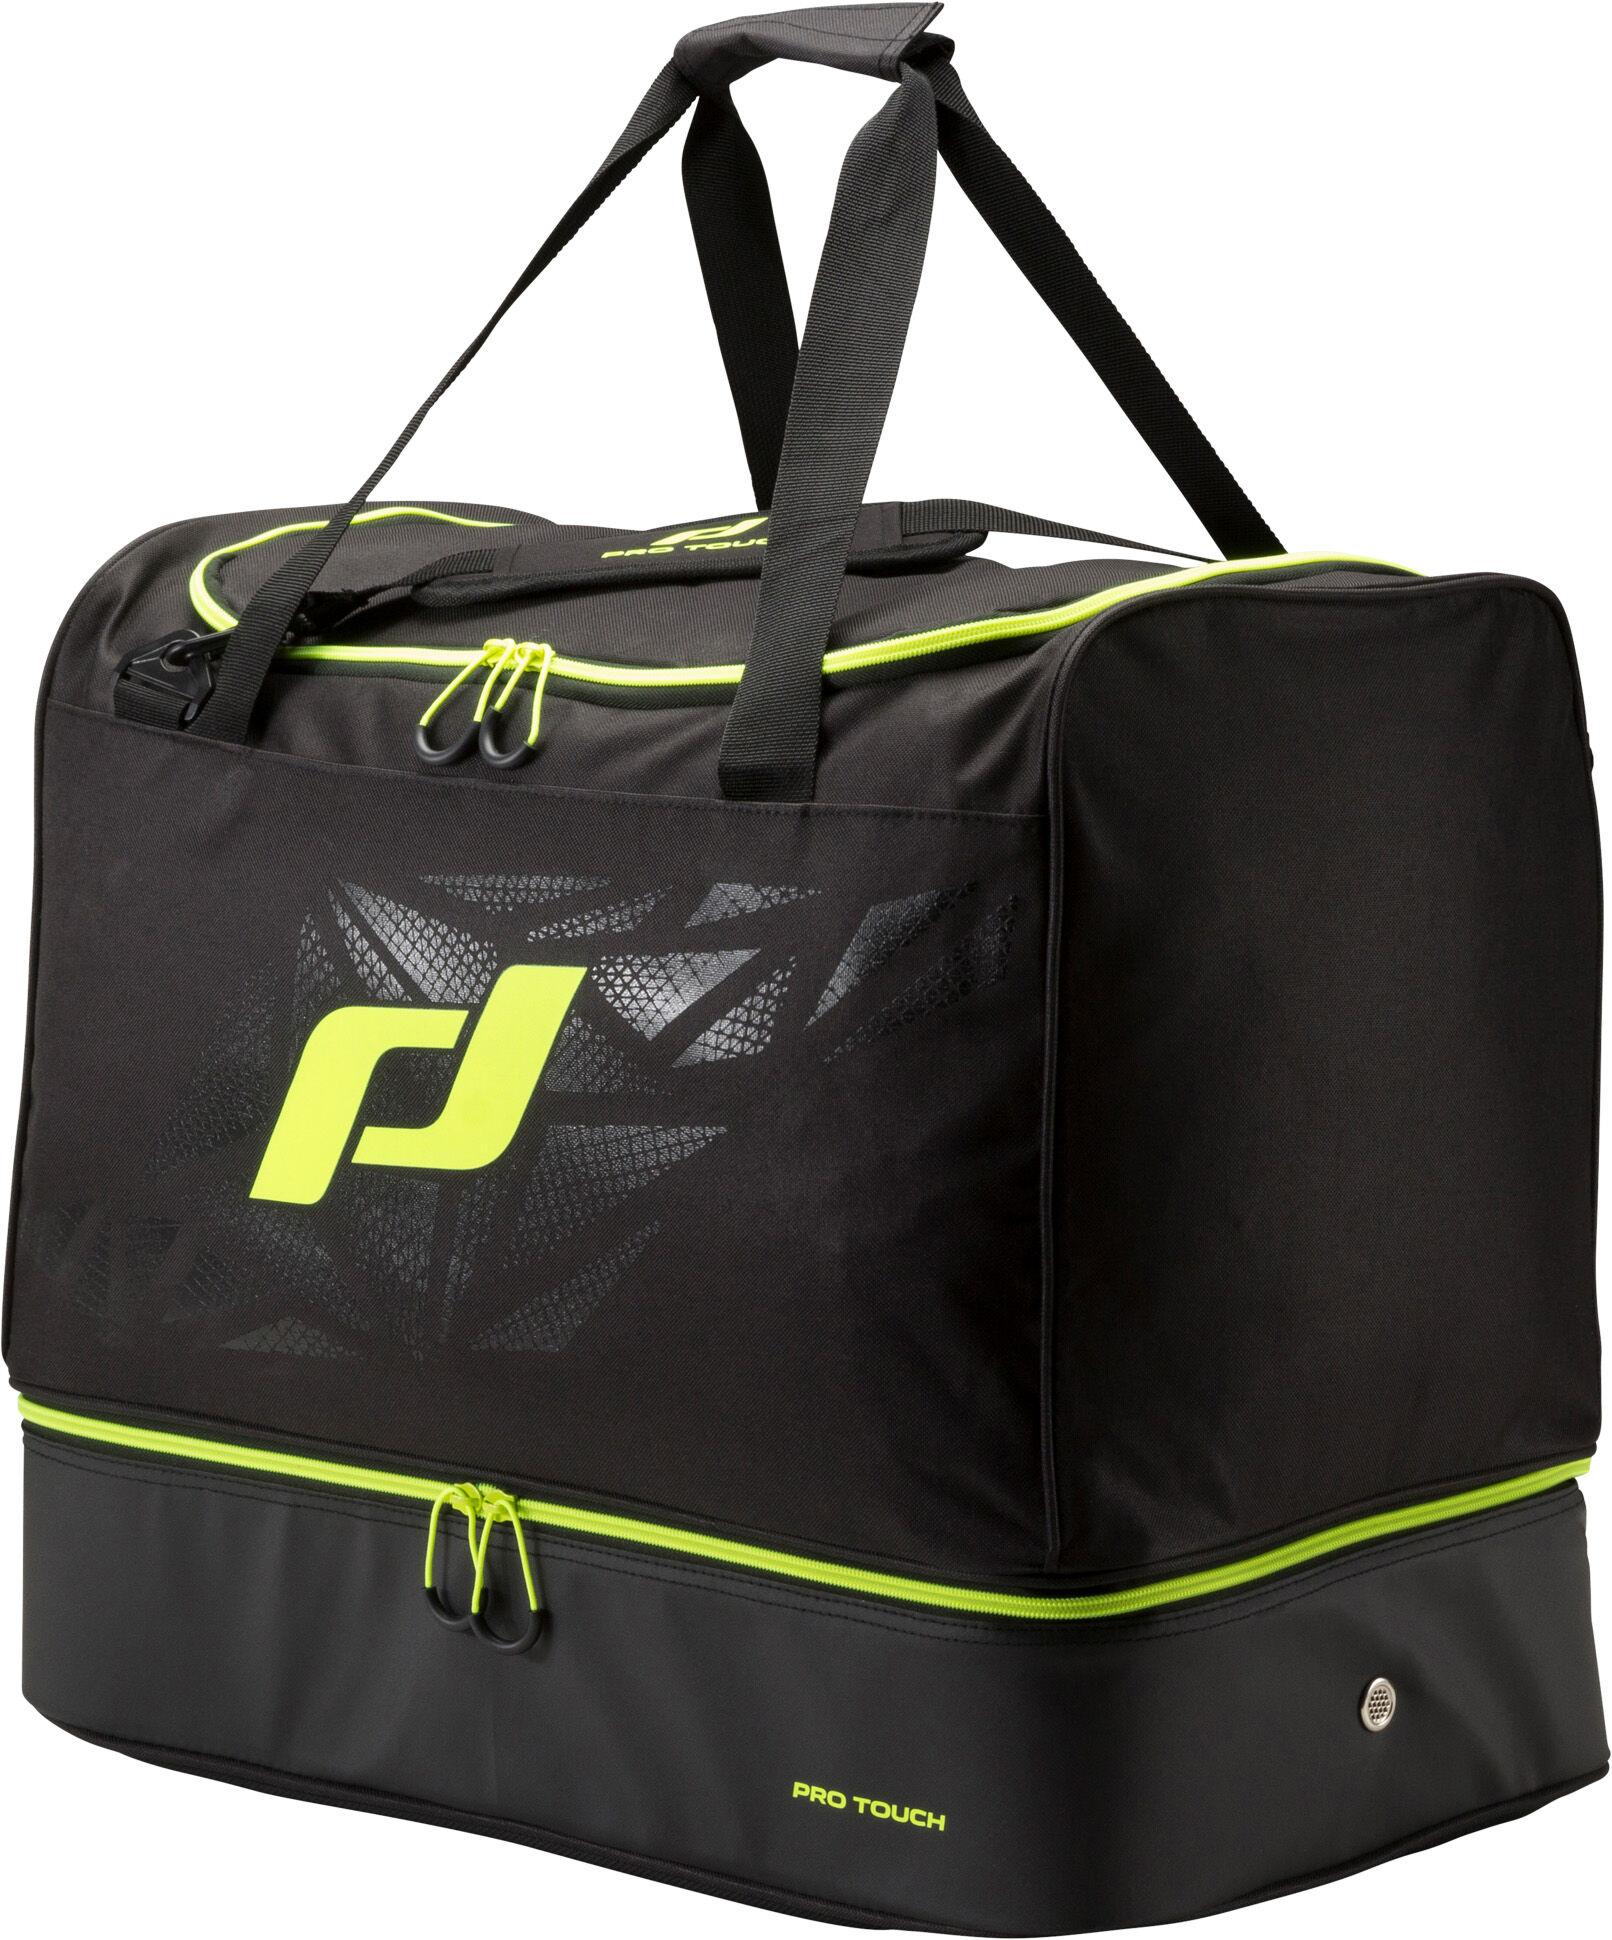 Herren Sporttaschen • adidas ® | Shop Herren Sporttaschen online